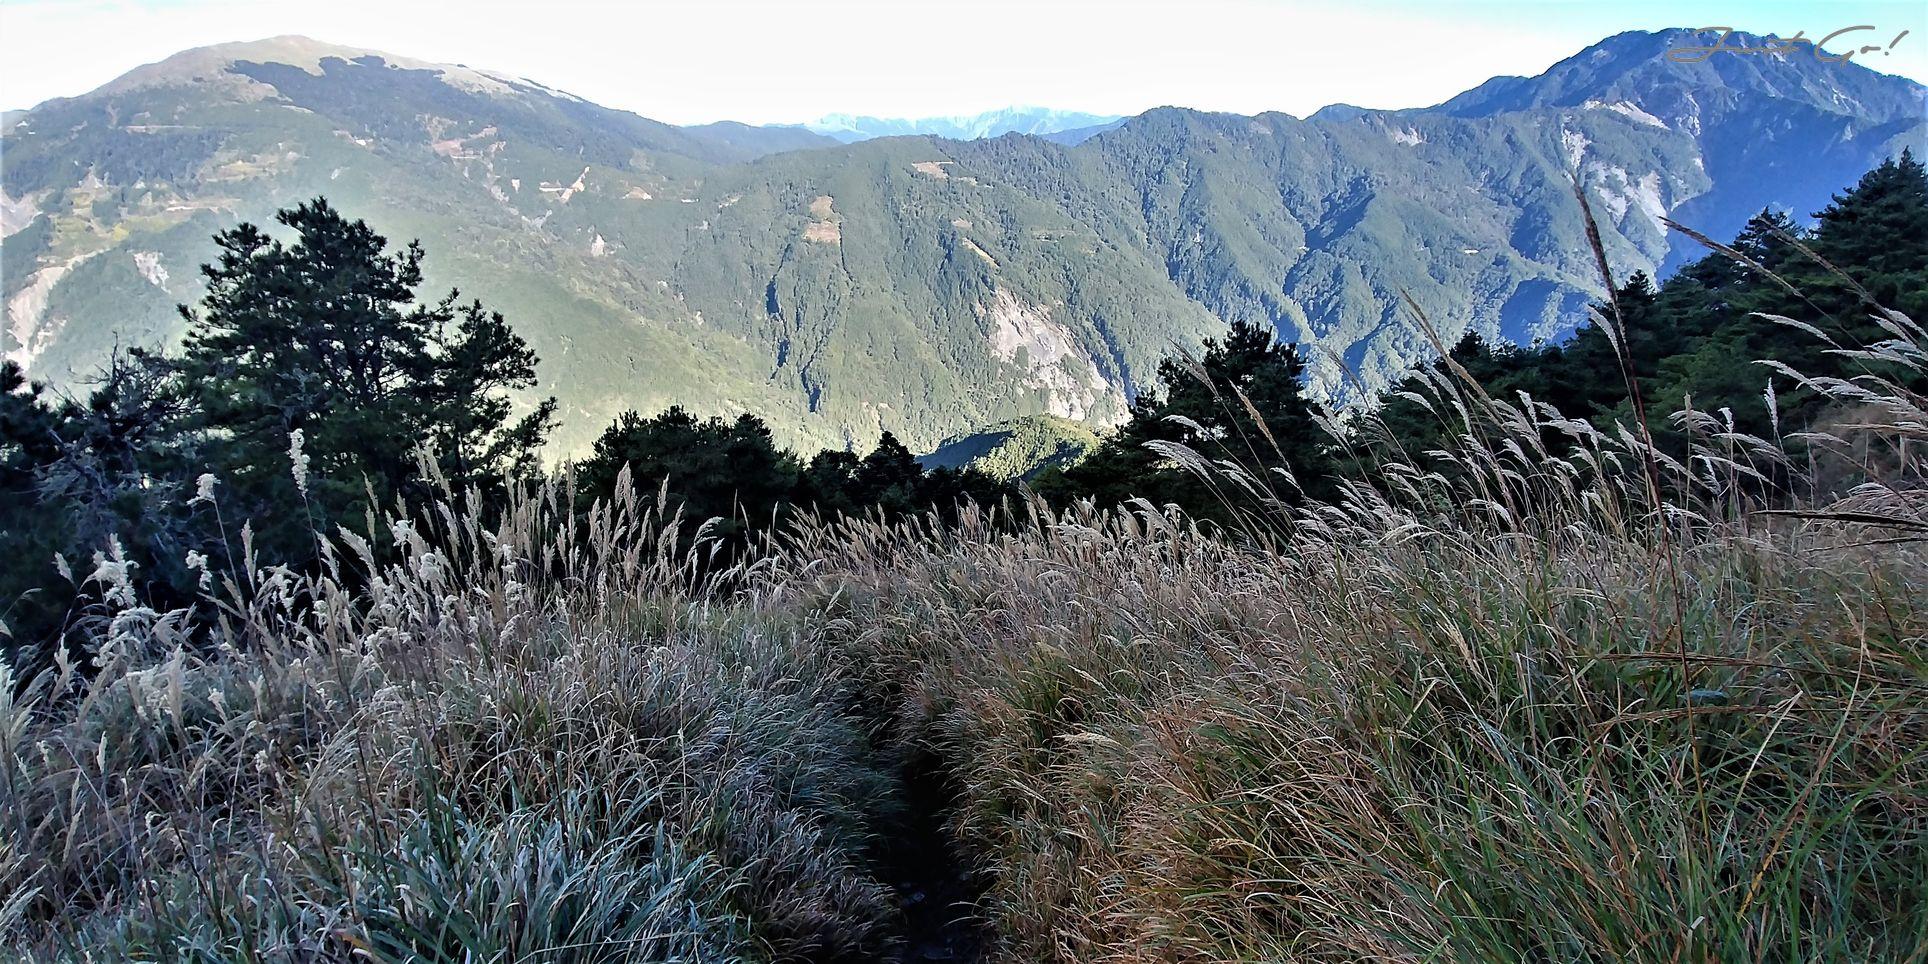 一日百岳·10小時單攻屏風山-新路線地圖gpx、行程規劃、申請、登山口5